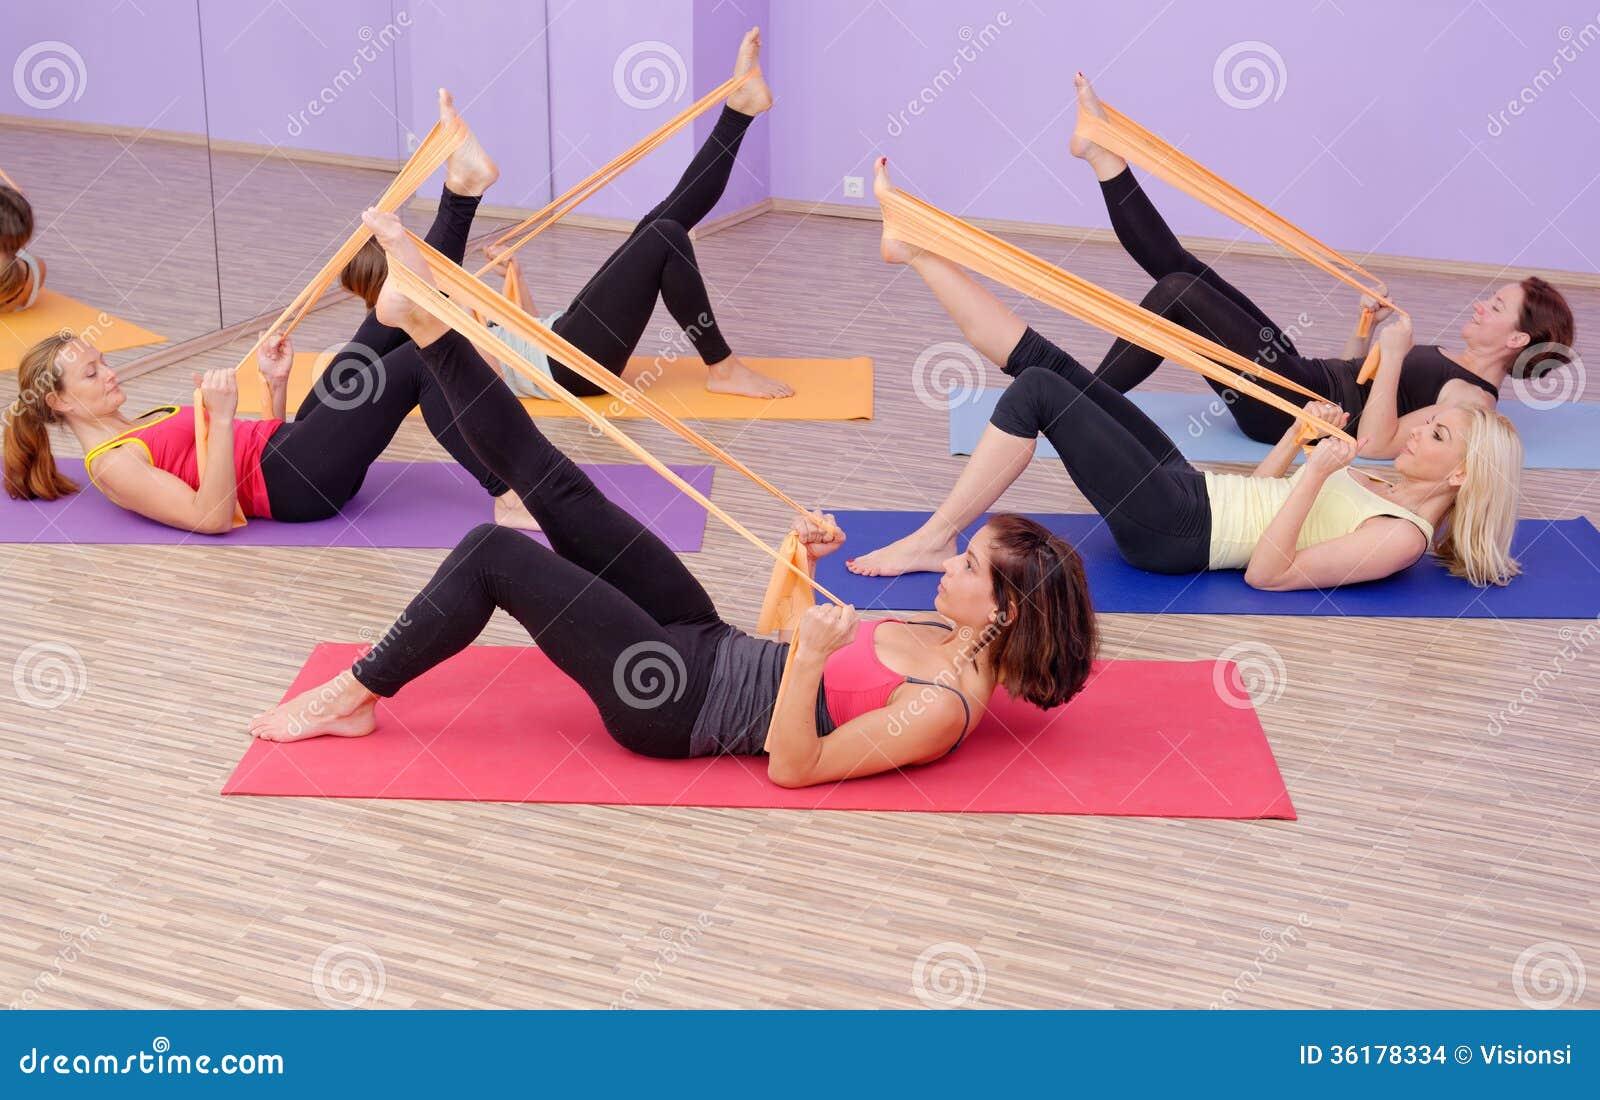 Grupo QUENTE dos pilates da ginástica aeróbica